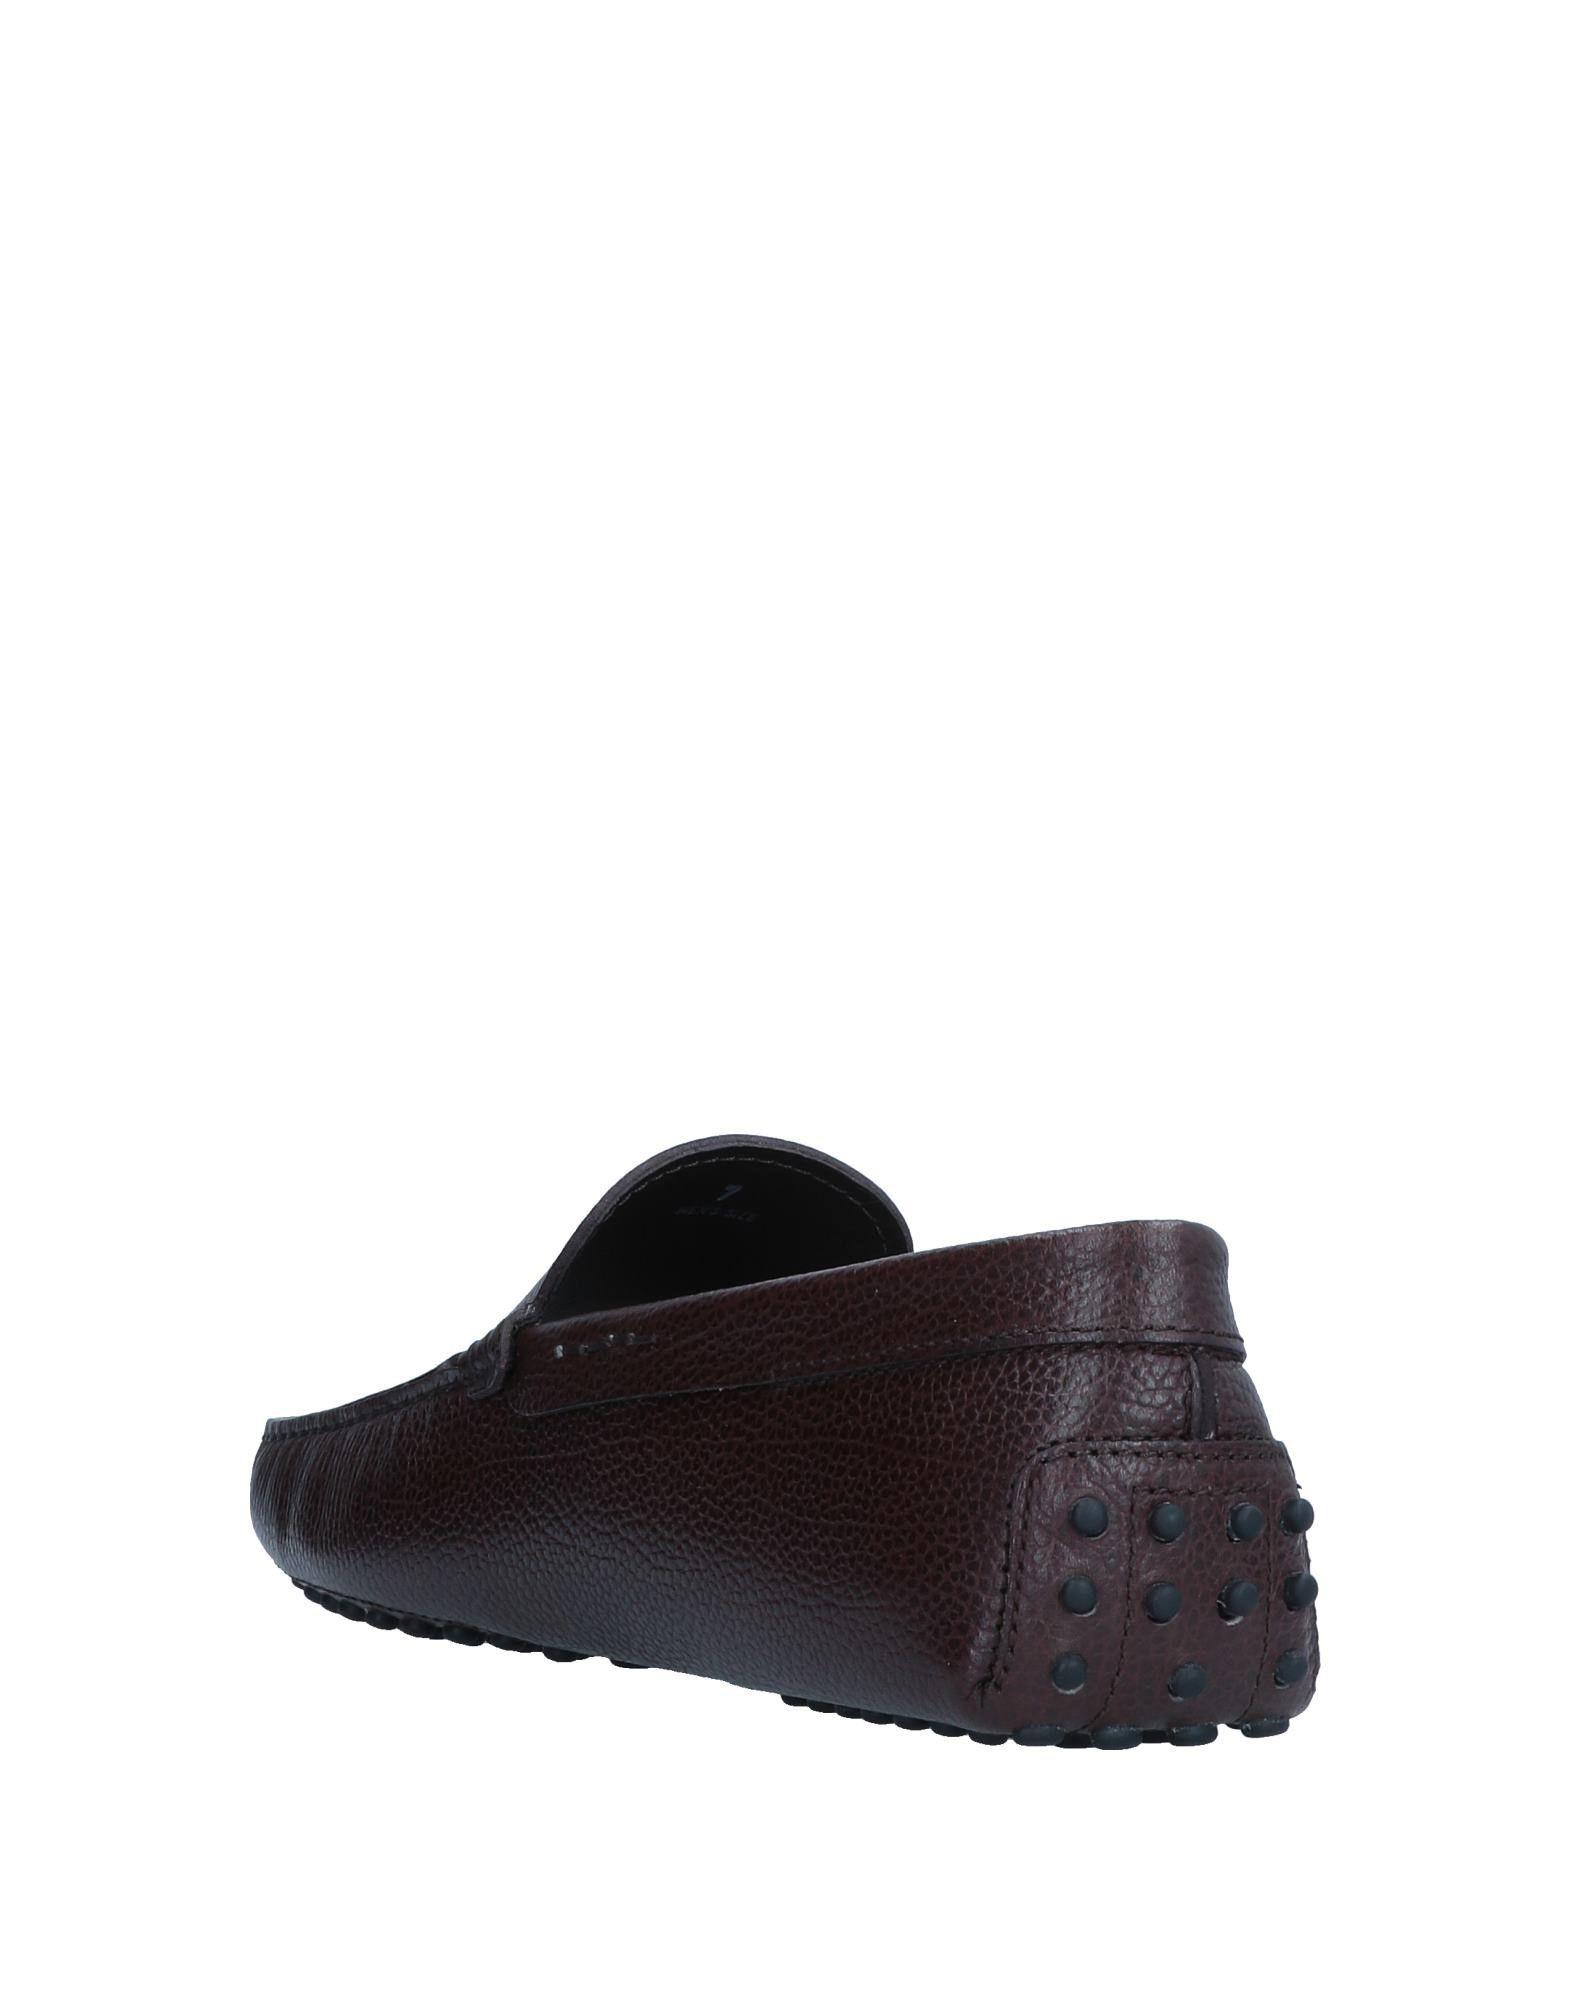 Tod's Gute Mokassins Herren  11548553JW Gute Tod's Qualität beliebte Schuhe 6e091c